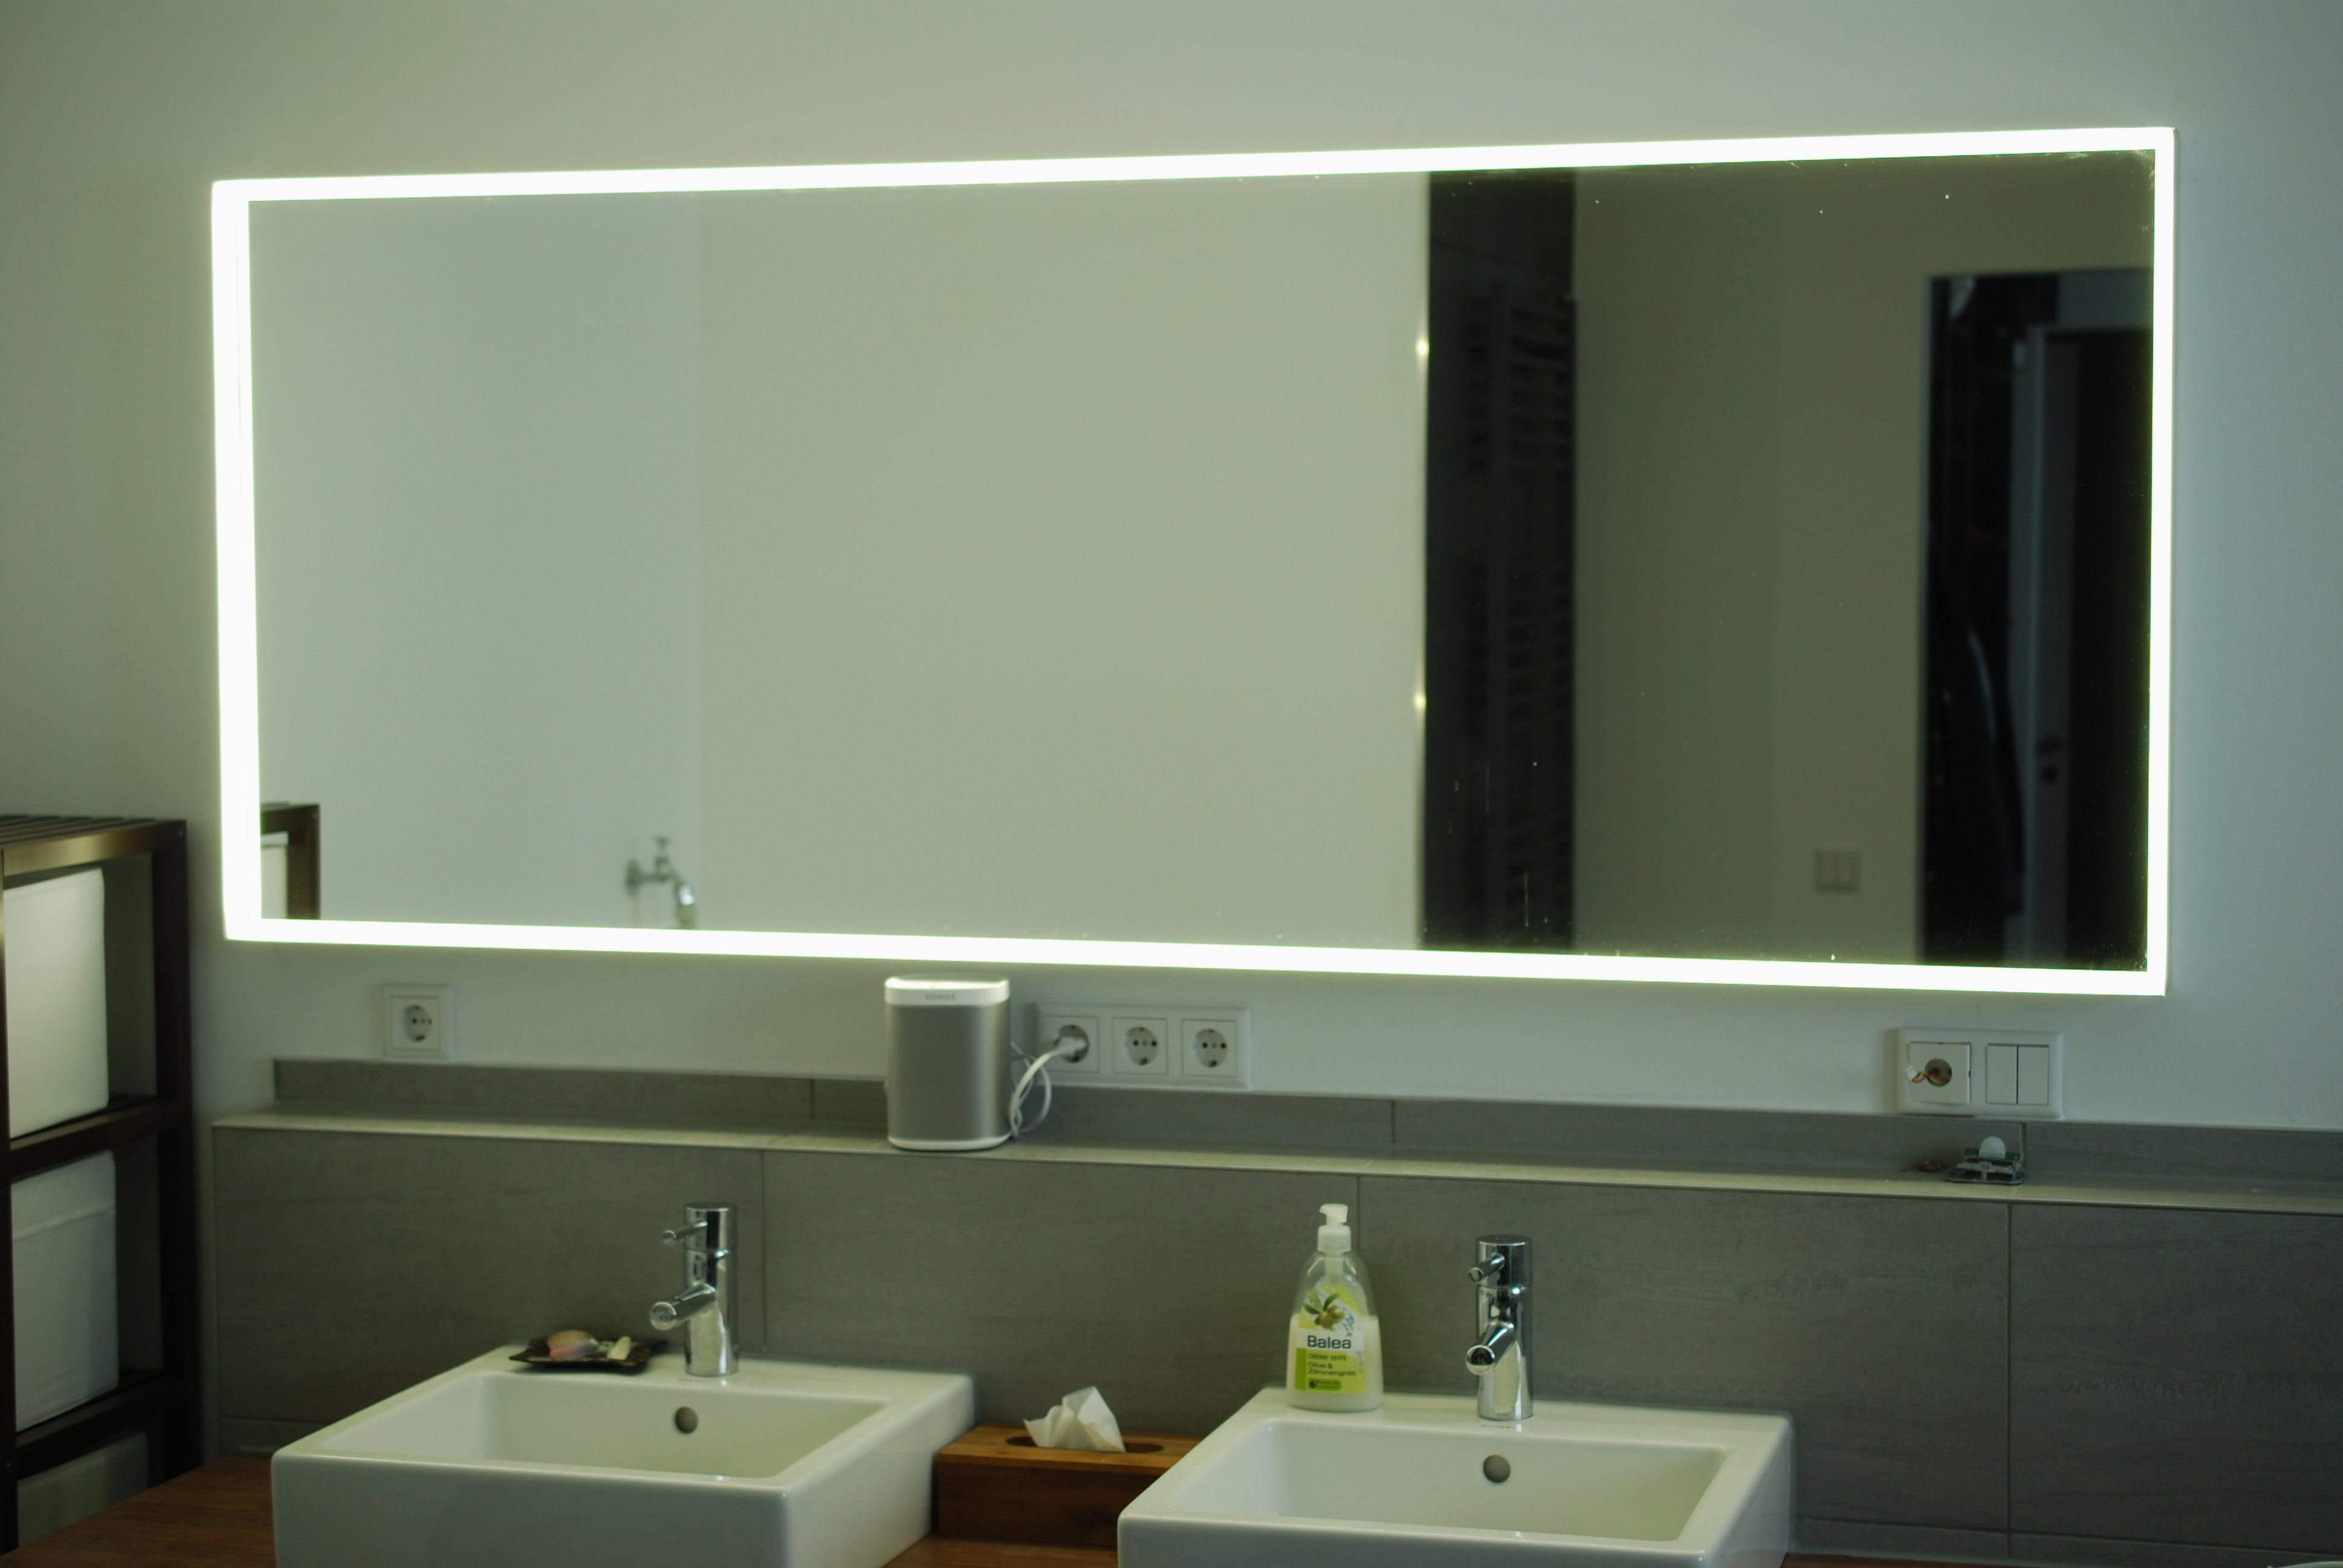 8 Badspiegel Mit Beleuchtung Obi Typisch Spiegel Mit Lampen Plus Gross Eintagamsee Ikea Badezimmer Badezimmer Design Badgestaltung